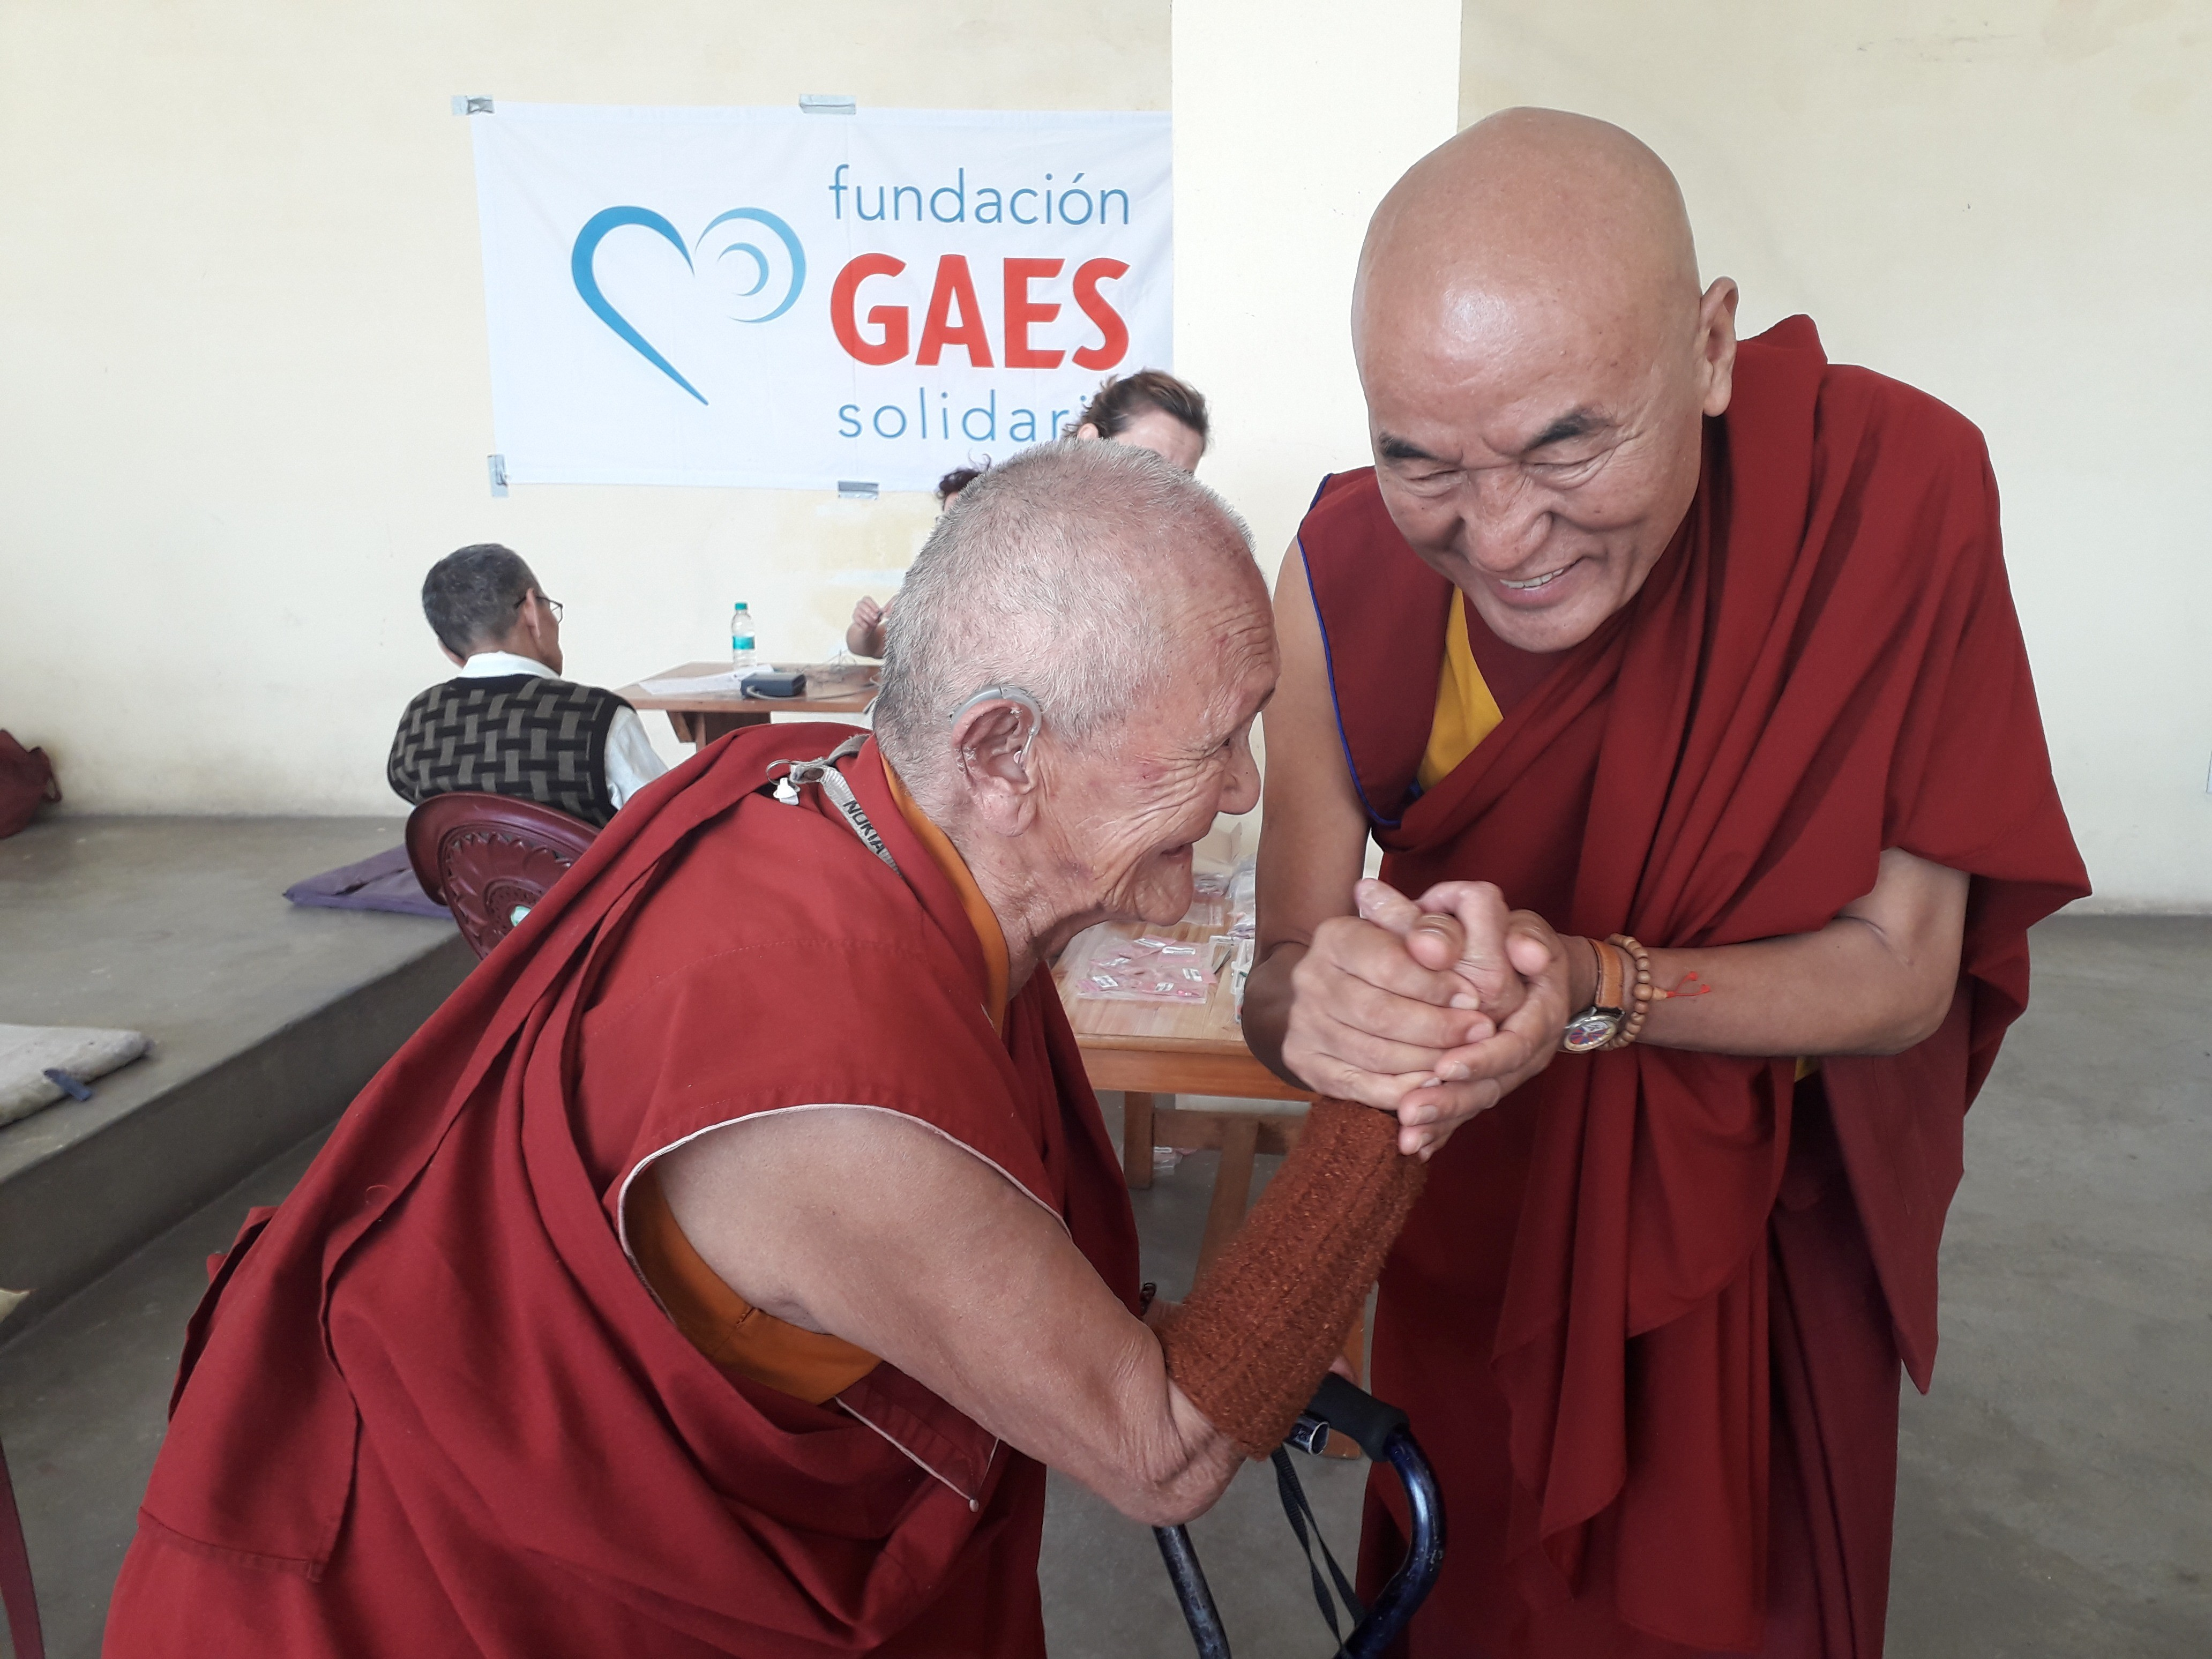 La Fundación GAES Solidaria pone en marcha un nuevo proyecto de audición junto a la Casa del Tibet